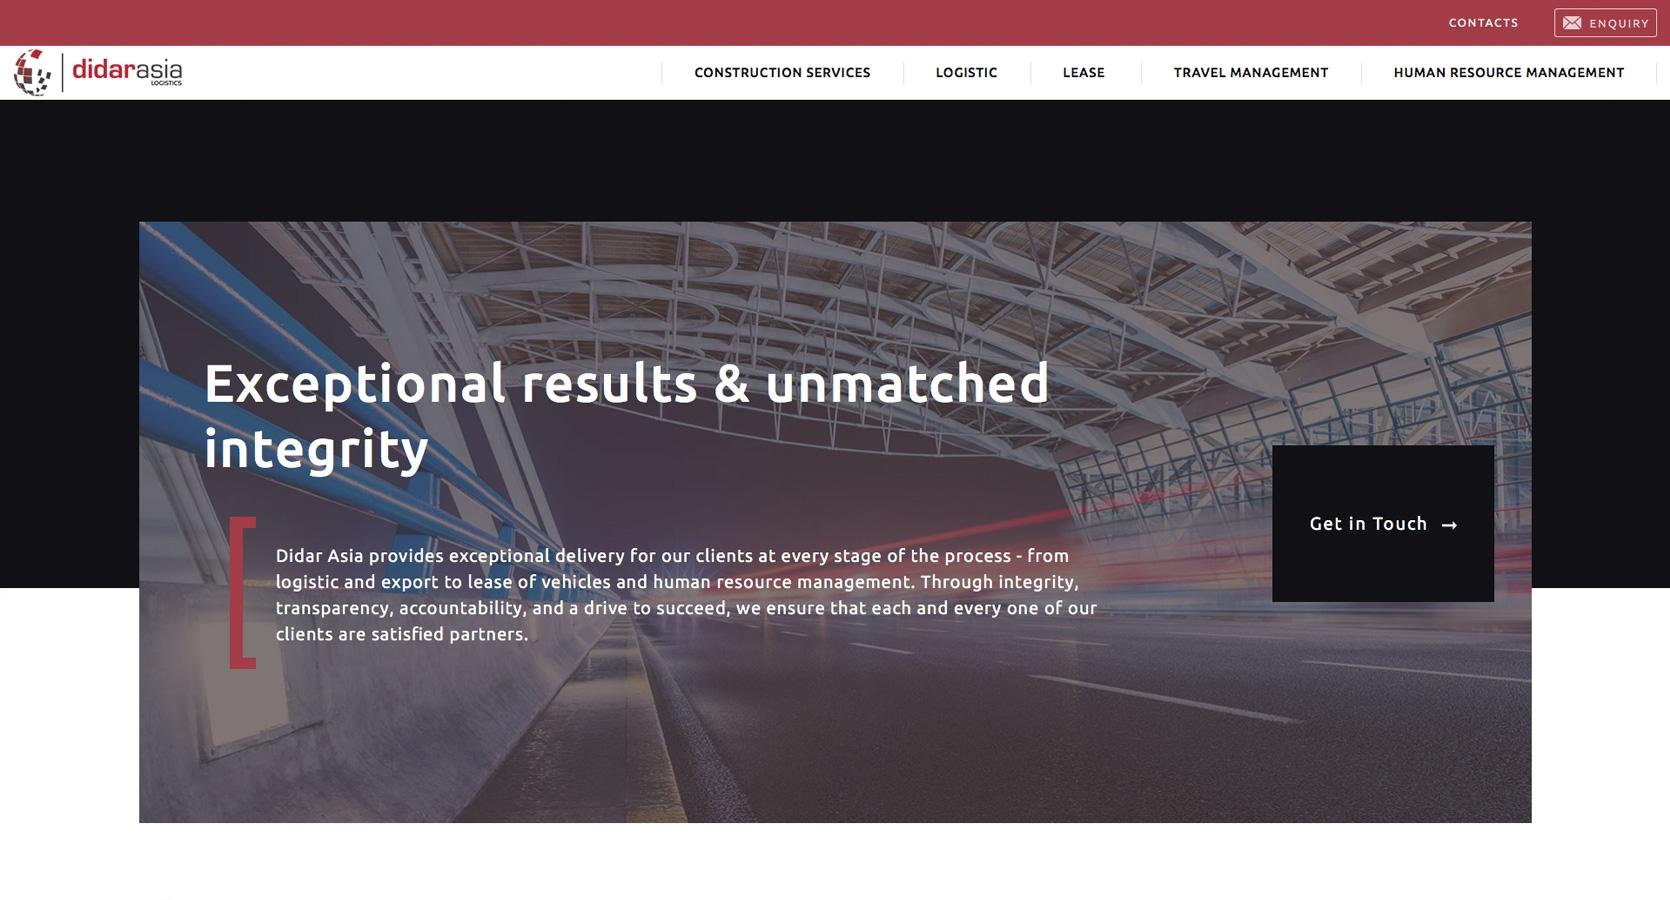 Įmonės pozicionavimas, konkurencinio pranašumo stiprinimas ir pardavimų skatinimas. Internetinio tinklalapio kūrimas, logotipų kūrimas, firminio stiliaus kūrimas - PIXELART.LT